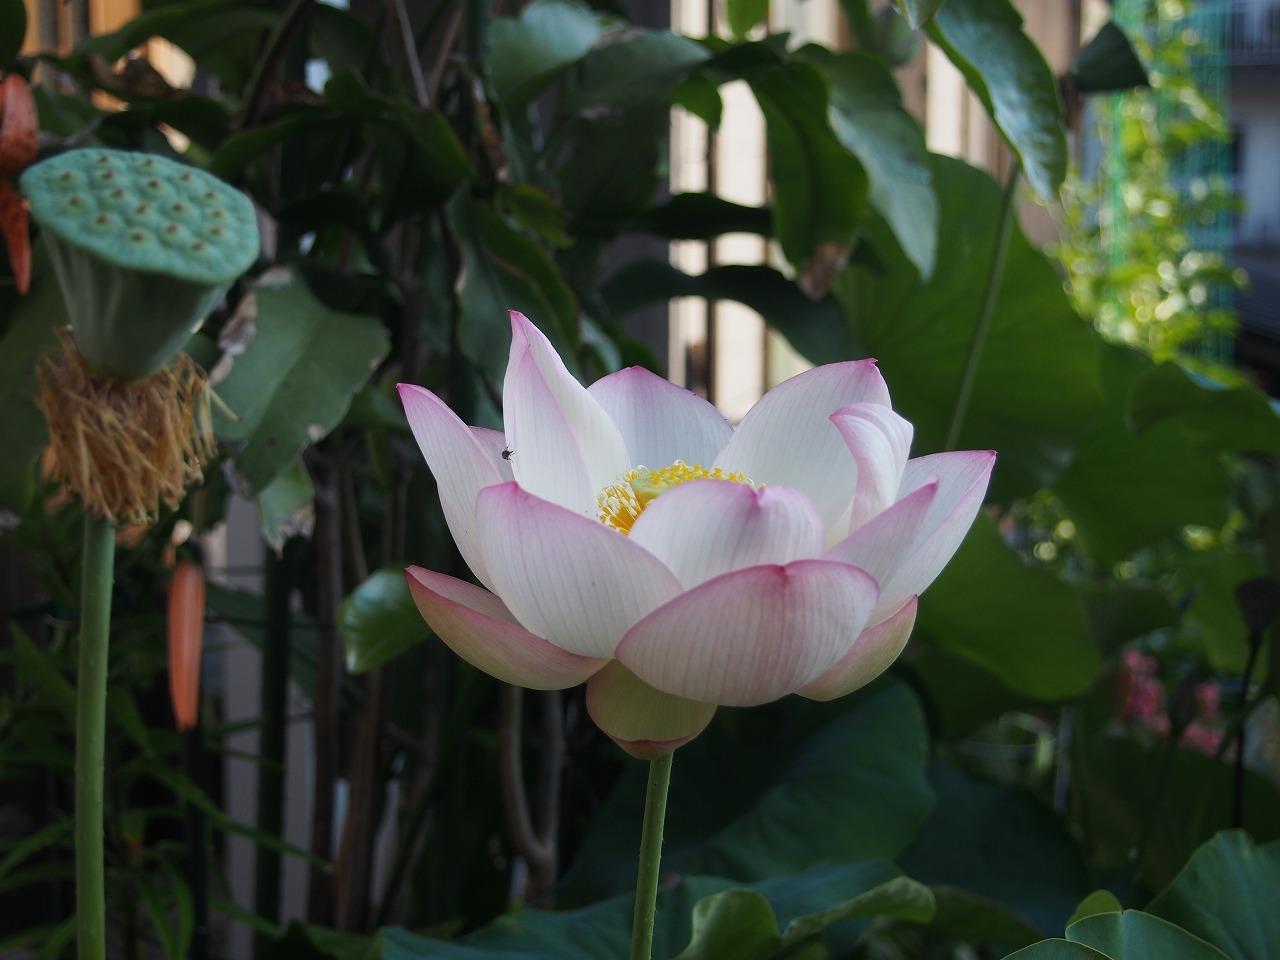 20170720-Lotus_TsumabeniChawanbasu-O01.jpg